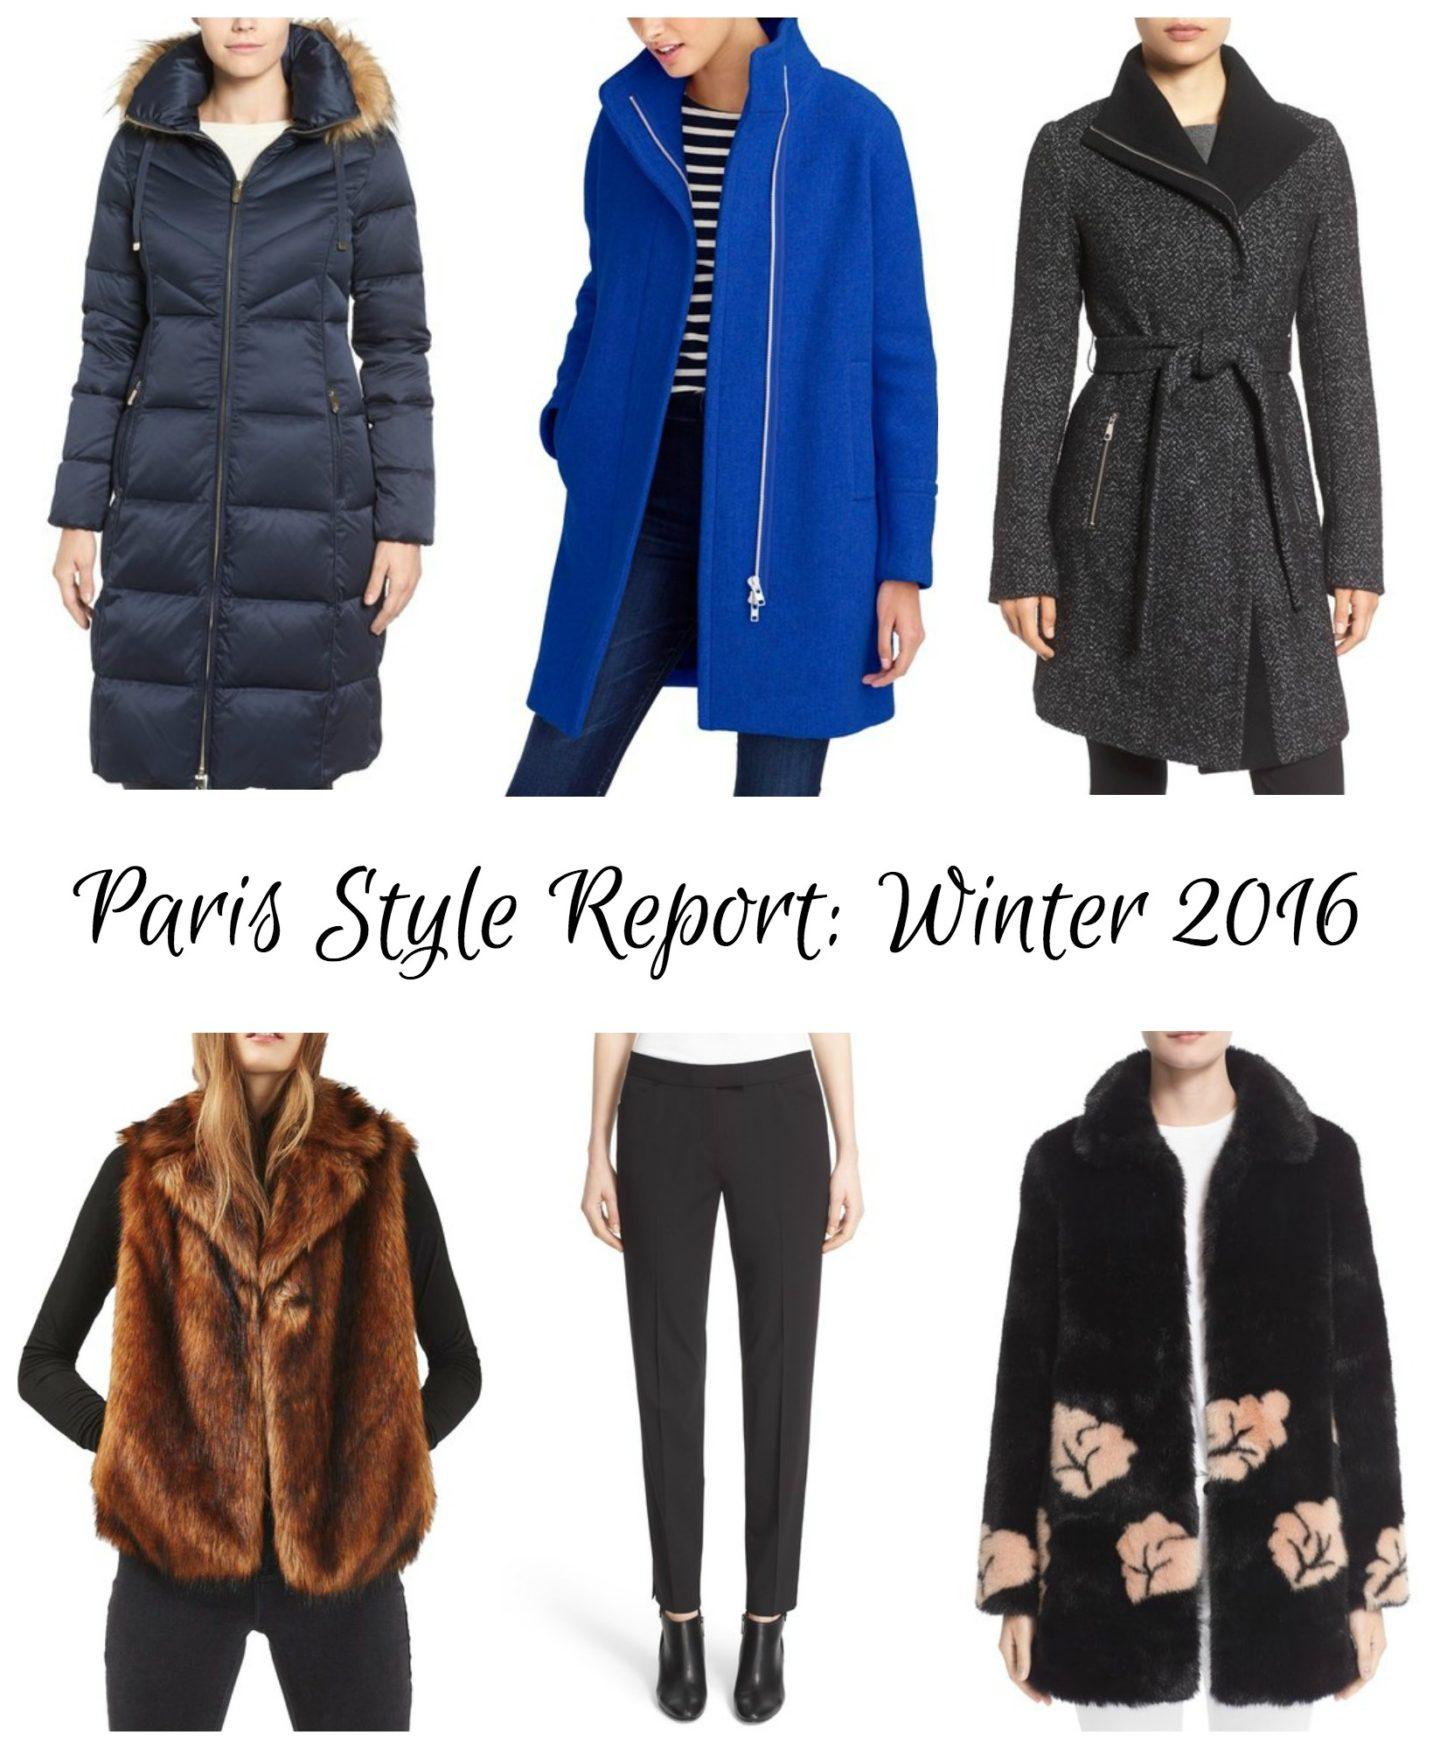 Paris Style Report: December 2016 (Part 1)